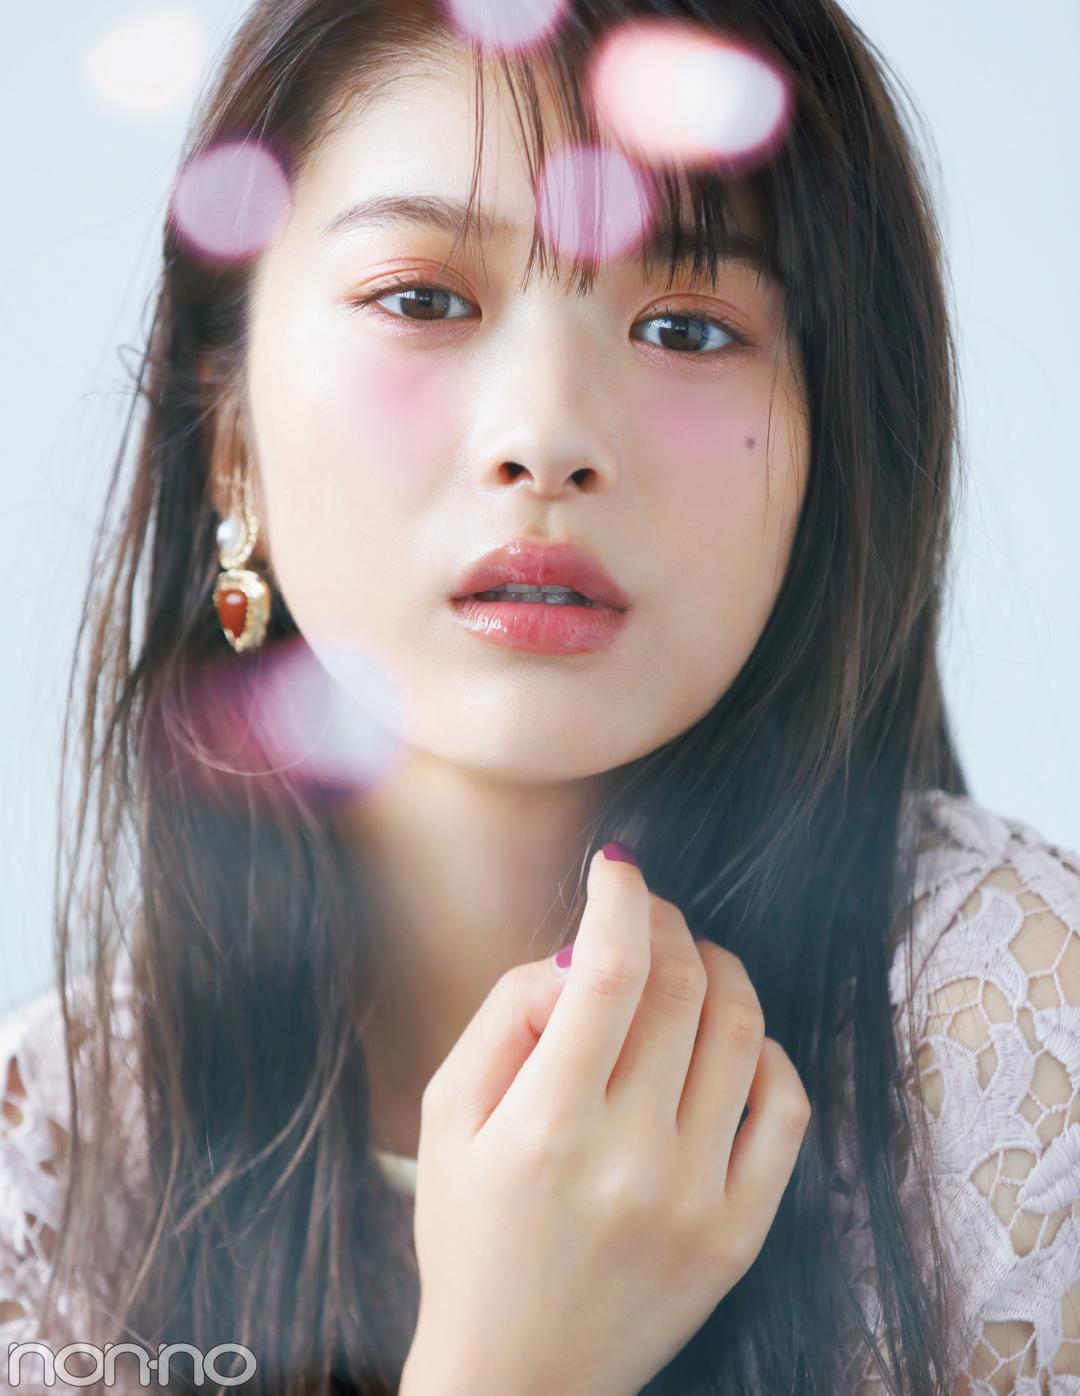 透明感MAX♡ パープルピンクのおすすめはコチラ【冬映えチーク】_1_2